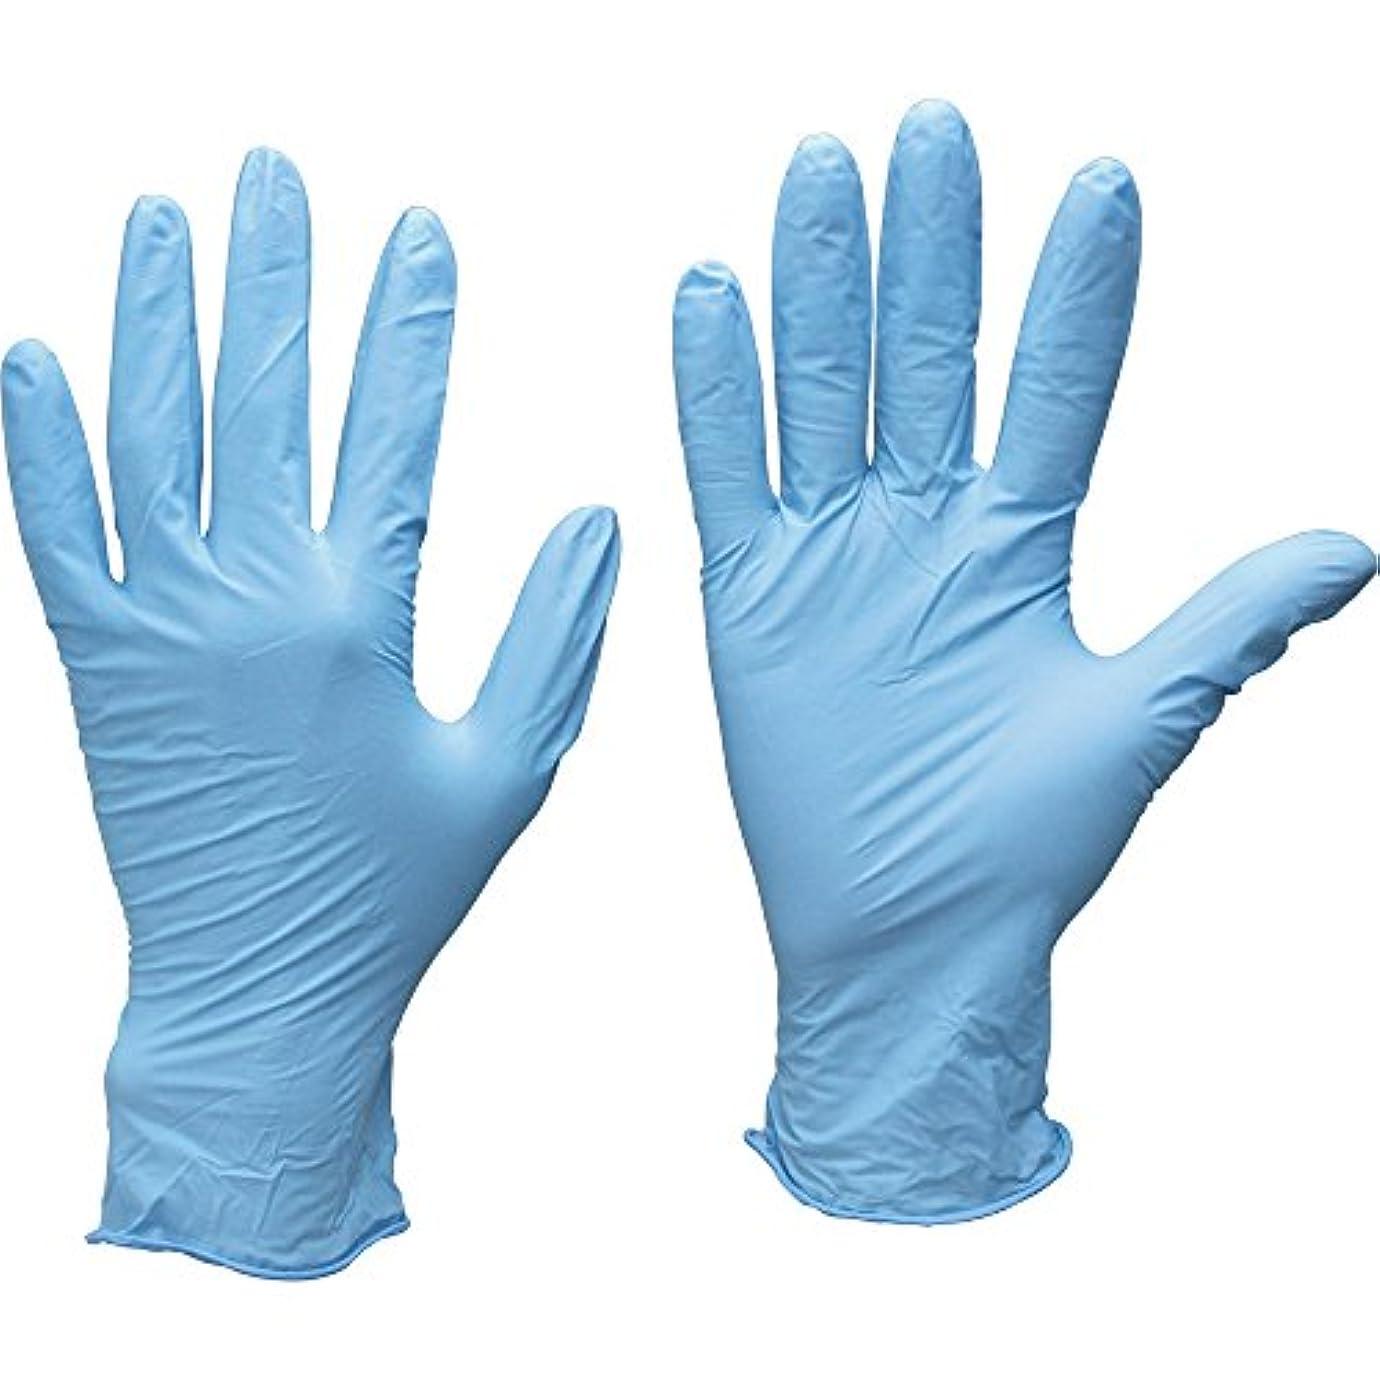 悲惨ミンチ強要トワロン ニトリル極うす手袋 SS (100枚入) 529-SS ニトリルゴム使い捨て手袋